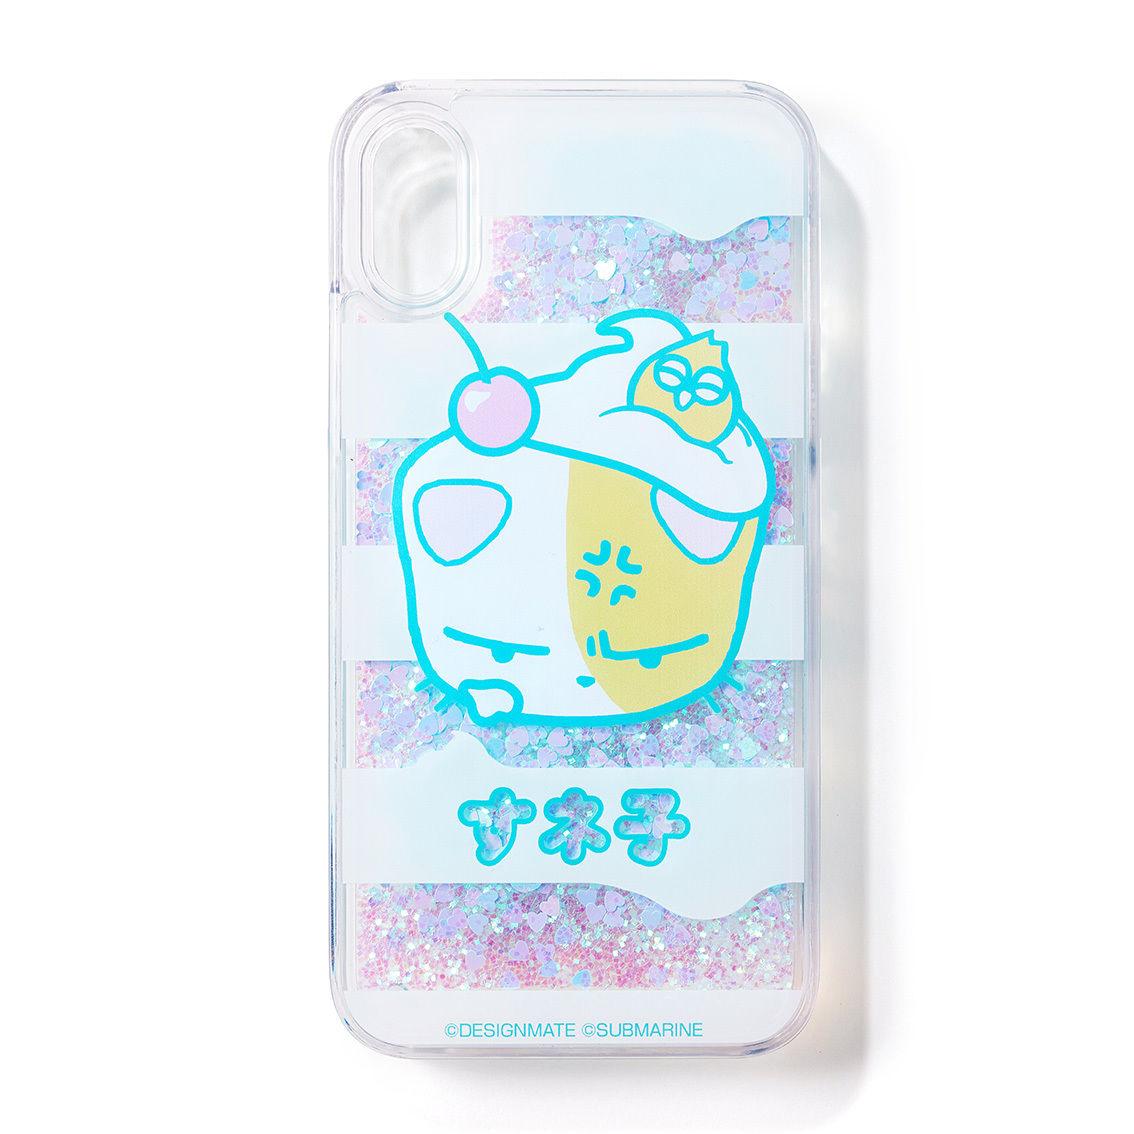 すネ子グリッターiPhoneケース